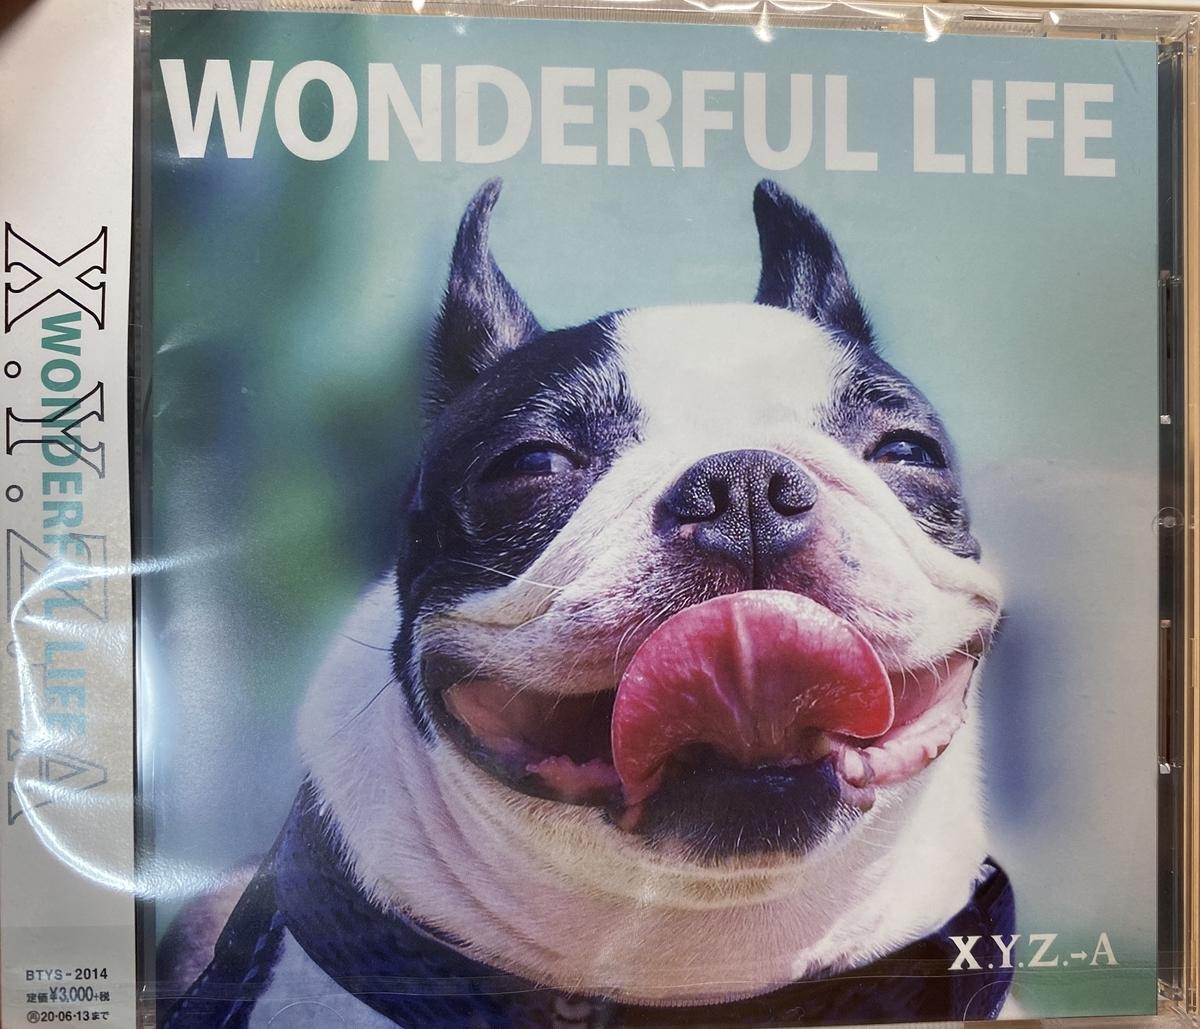 『WONDERFUL LIFE』X.Y.Z.→A